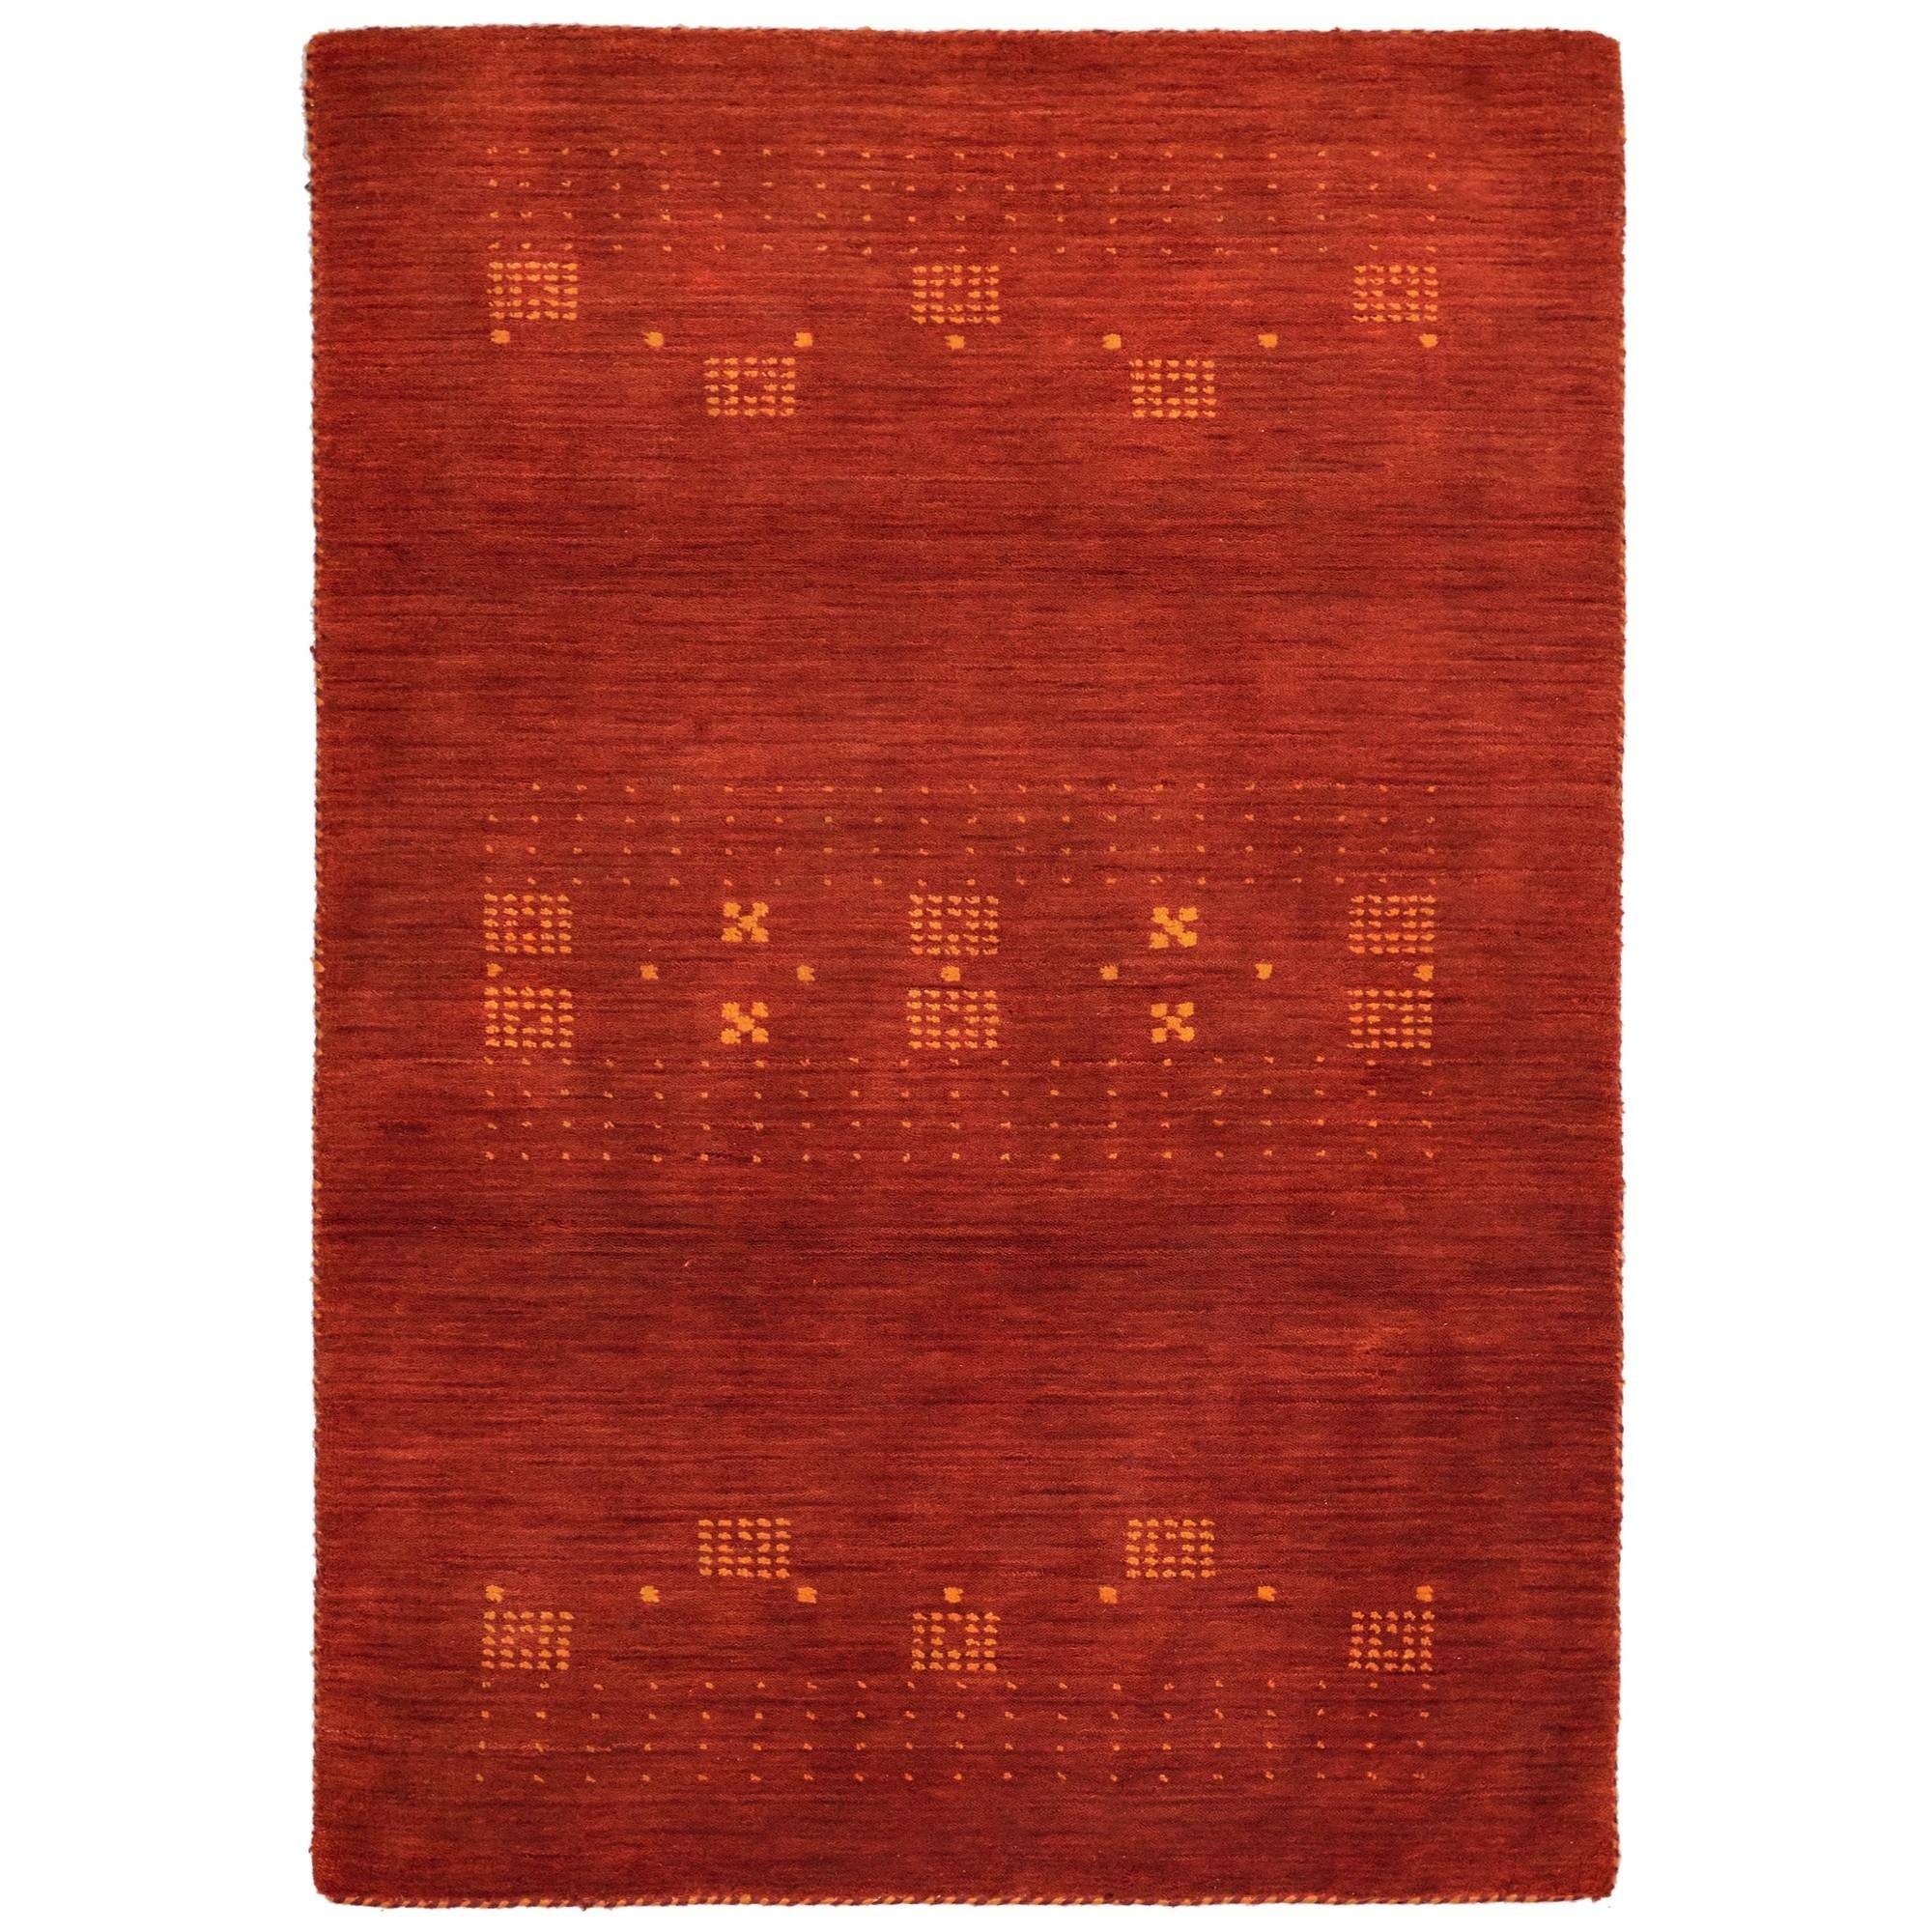 Lori No.042 Wool Tribal Rug, 290x200cm, Rust